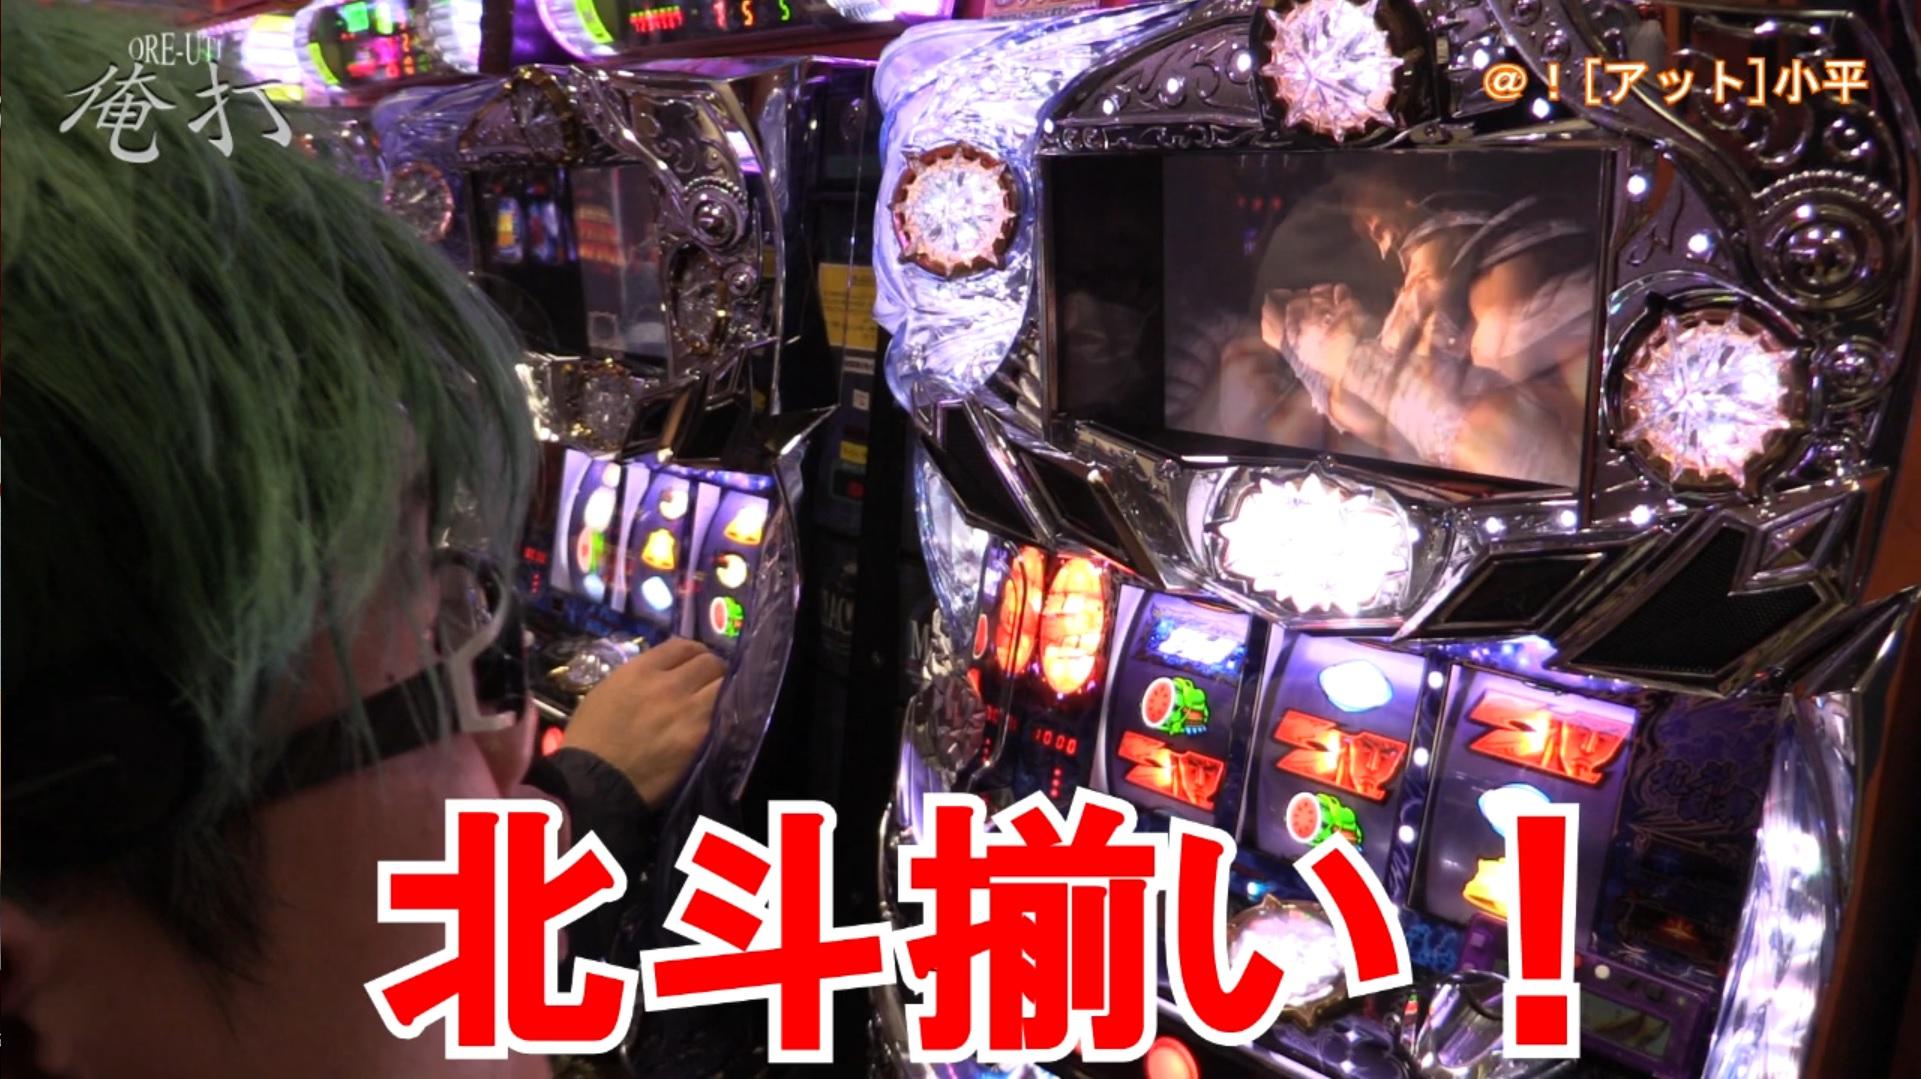 【#43】司芭扶が「俺打」で北斗の拳で北斗揃いを引いた結果【SEVEN'S TV】